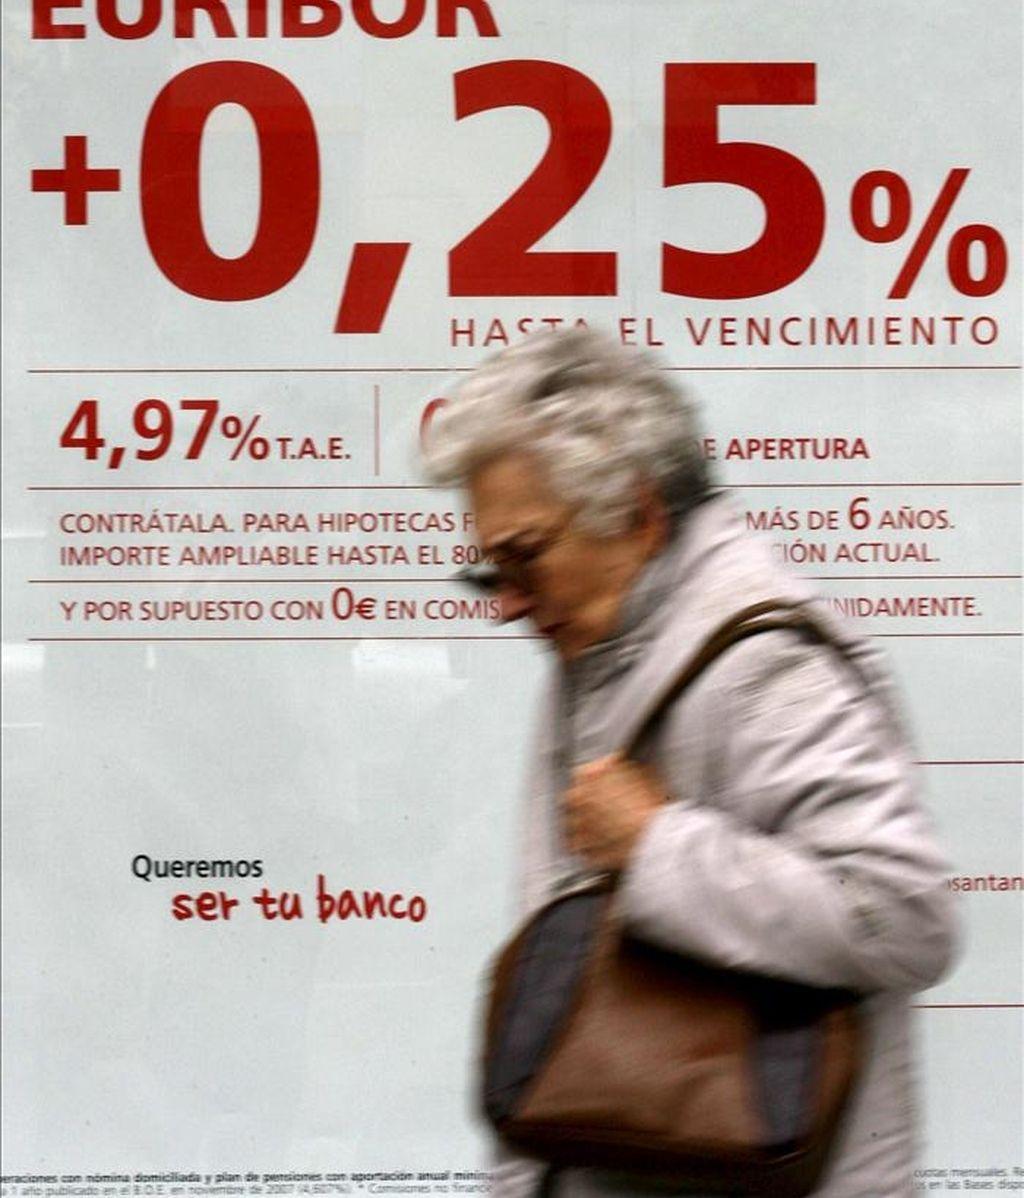 La ocu y facua avisan que los bancos tratan de no devolver for Bancos devolver clausulas suelo